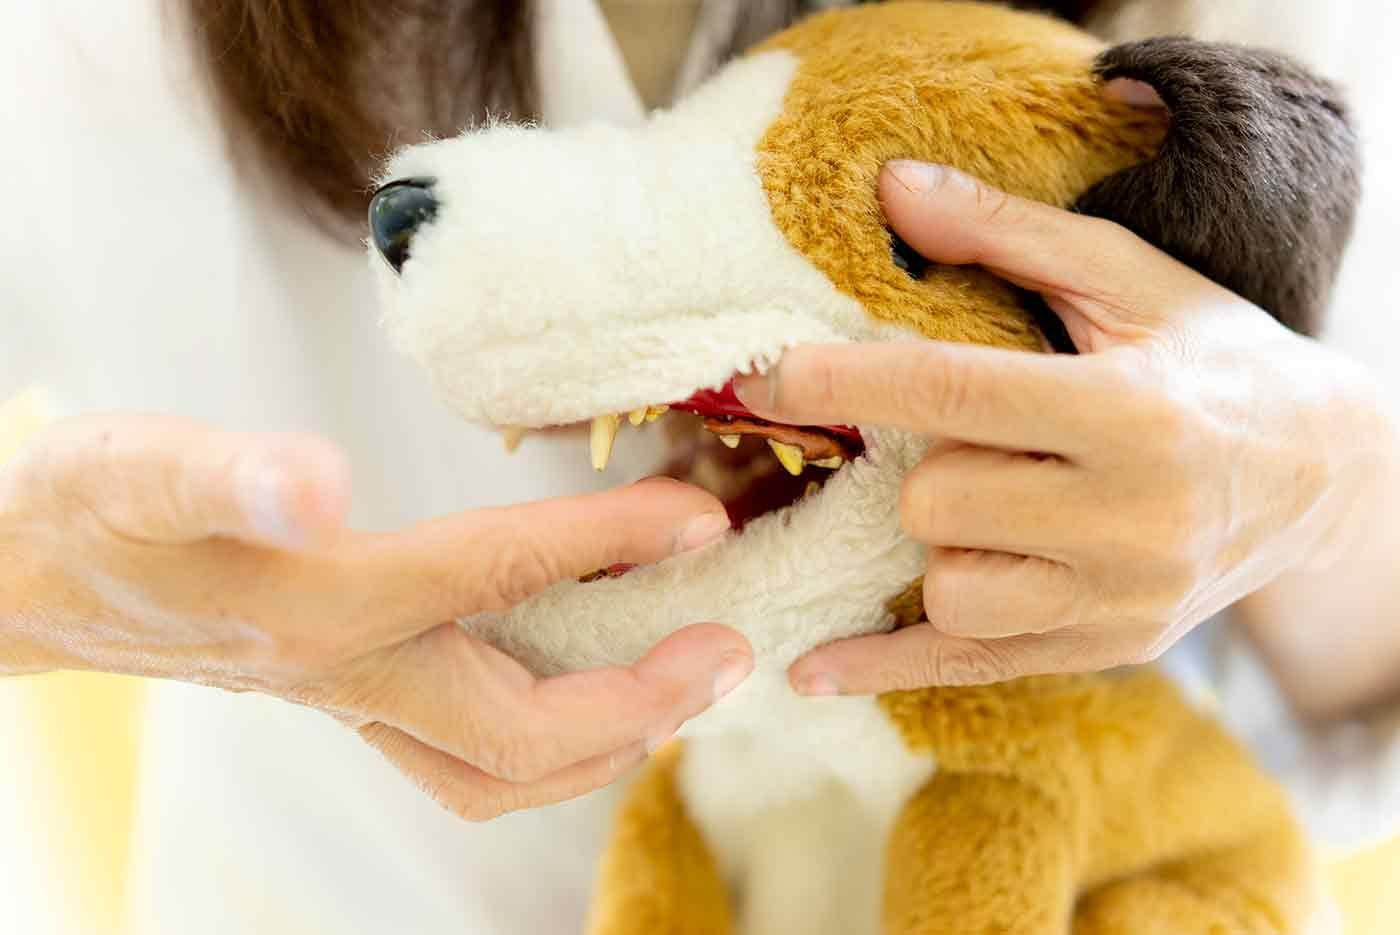 犬の唇を持ち上げて歯を磨く様子